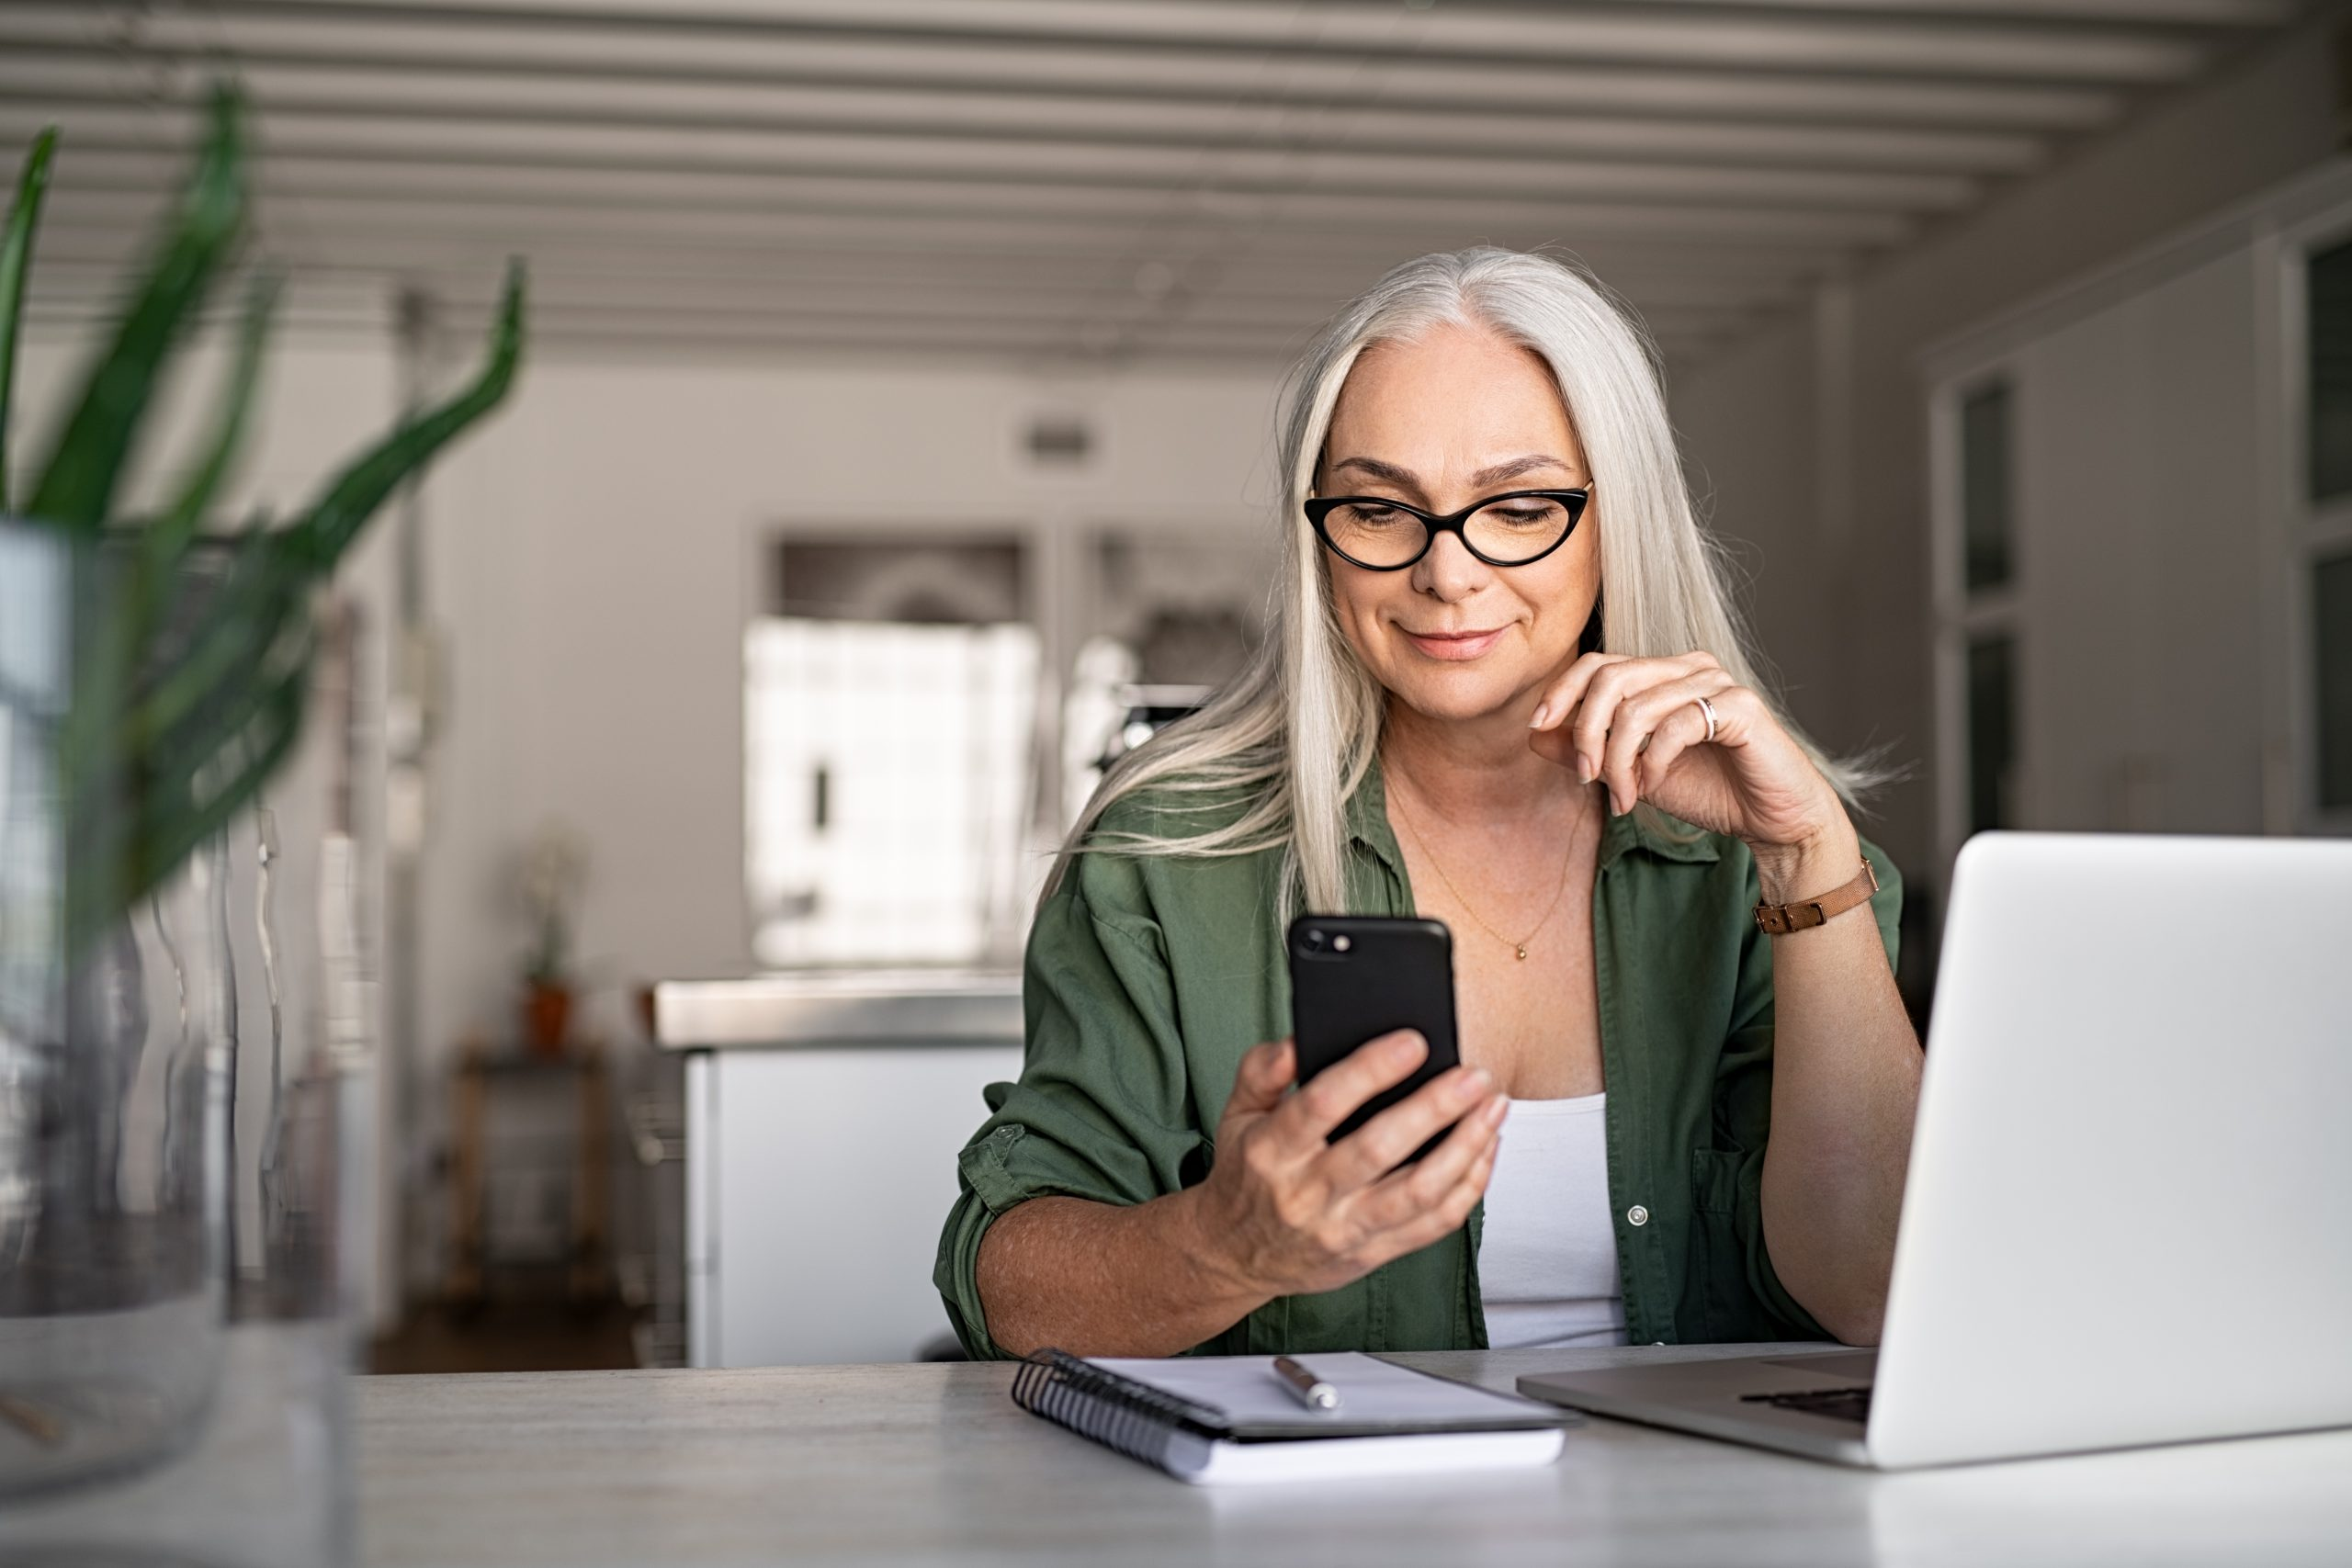 lady on phone image